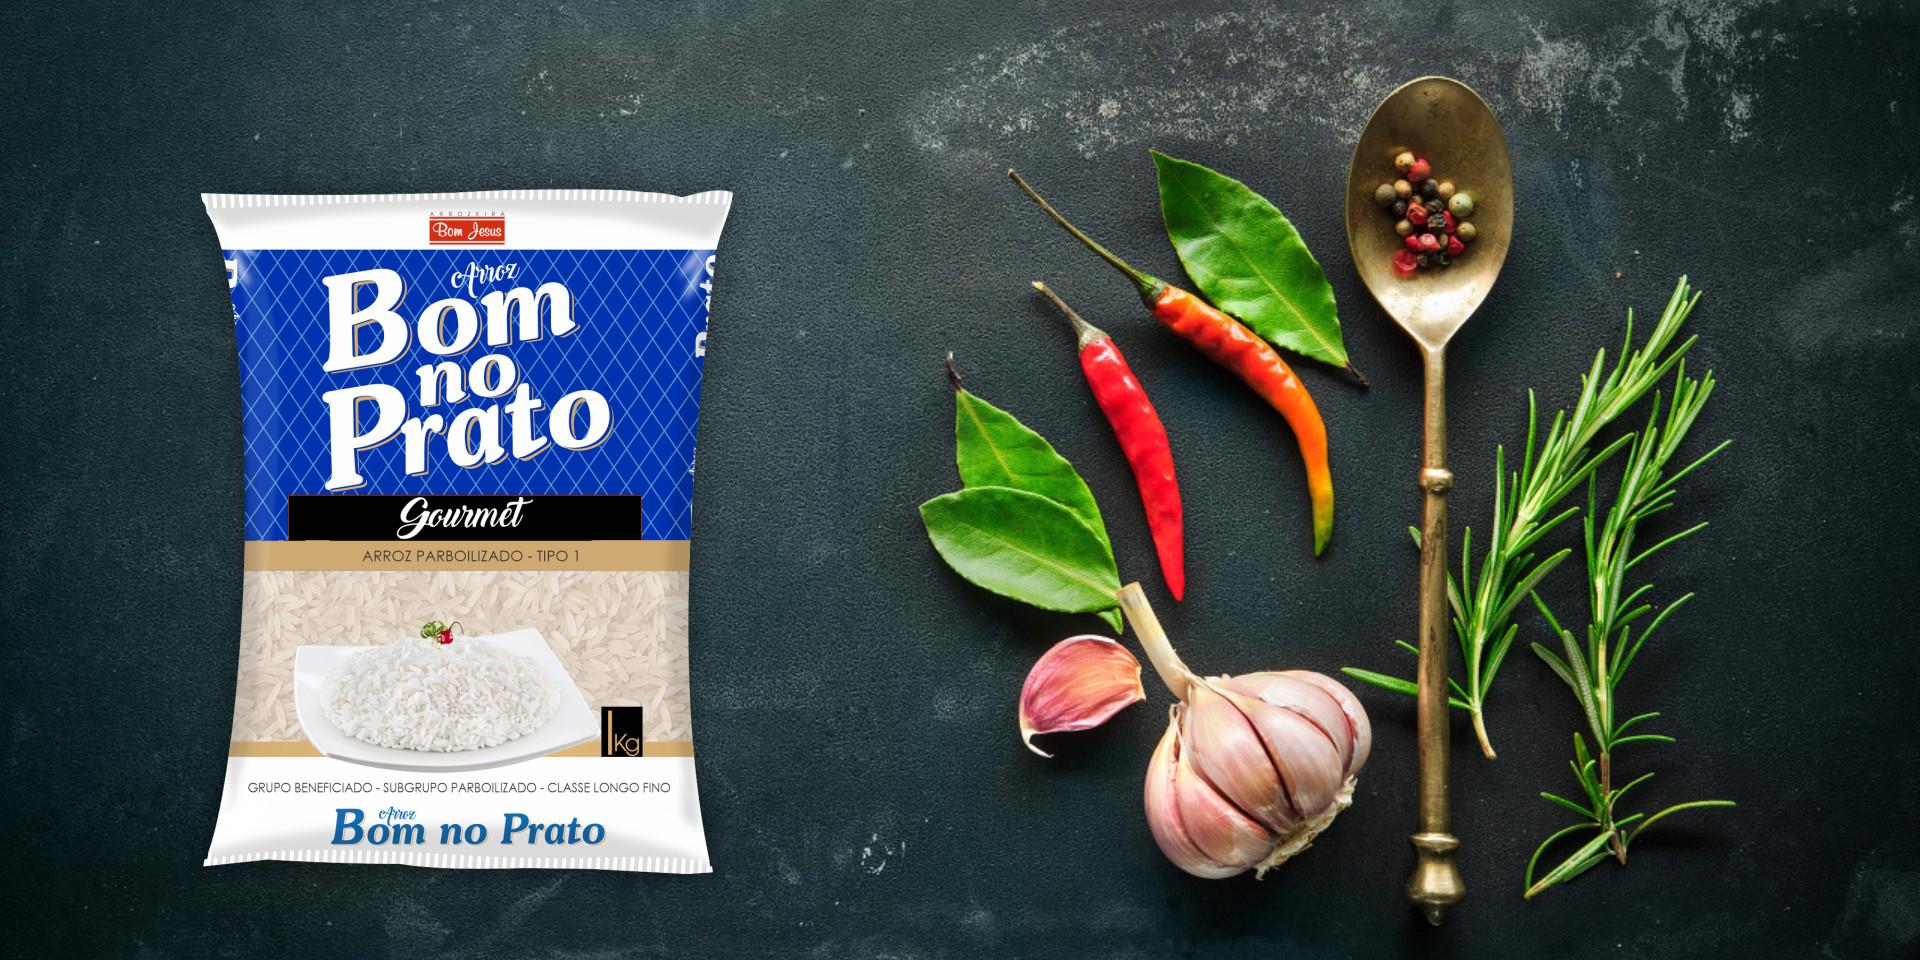 Imagem de fundo mostra as embalagens do arroz Branco Bom no Prato, pimentas, alho e uma colher